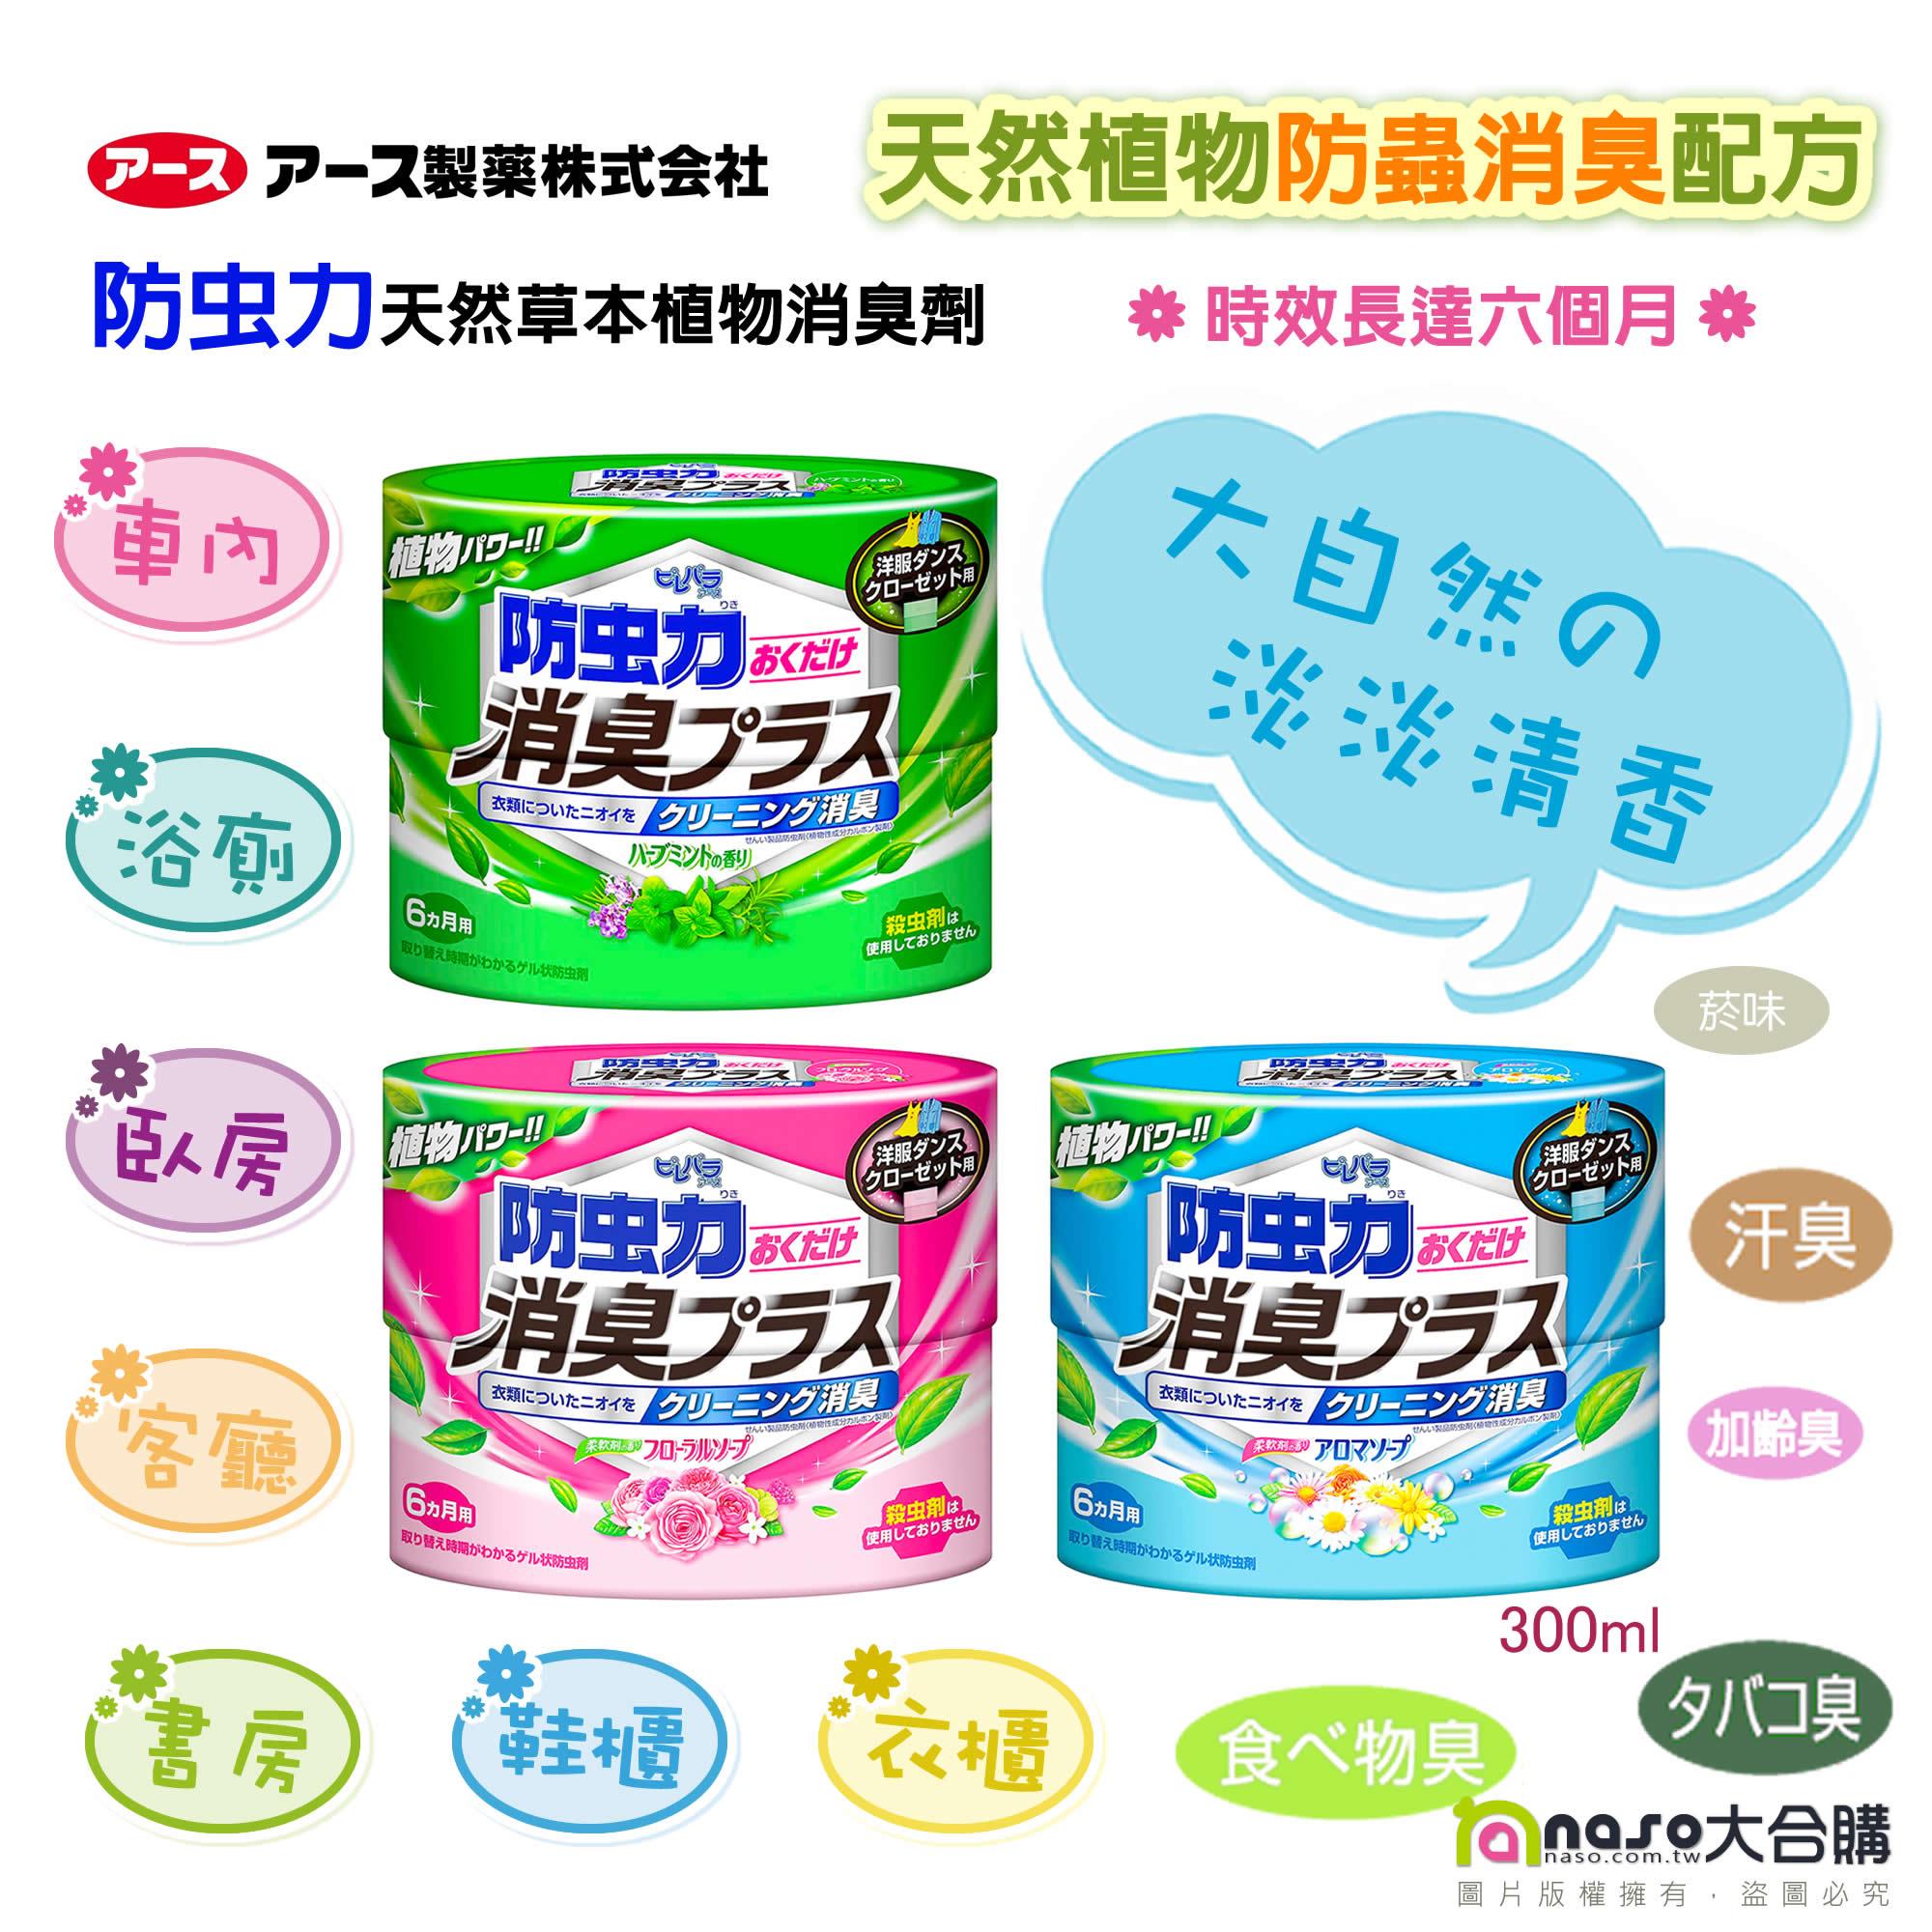 日本EARTH製藥 天然草本植物防蟲消臭劑 好評第12團